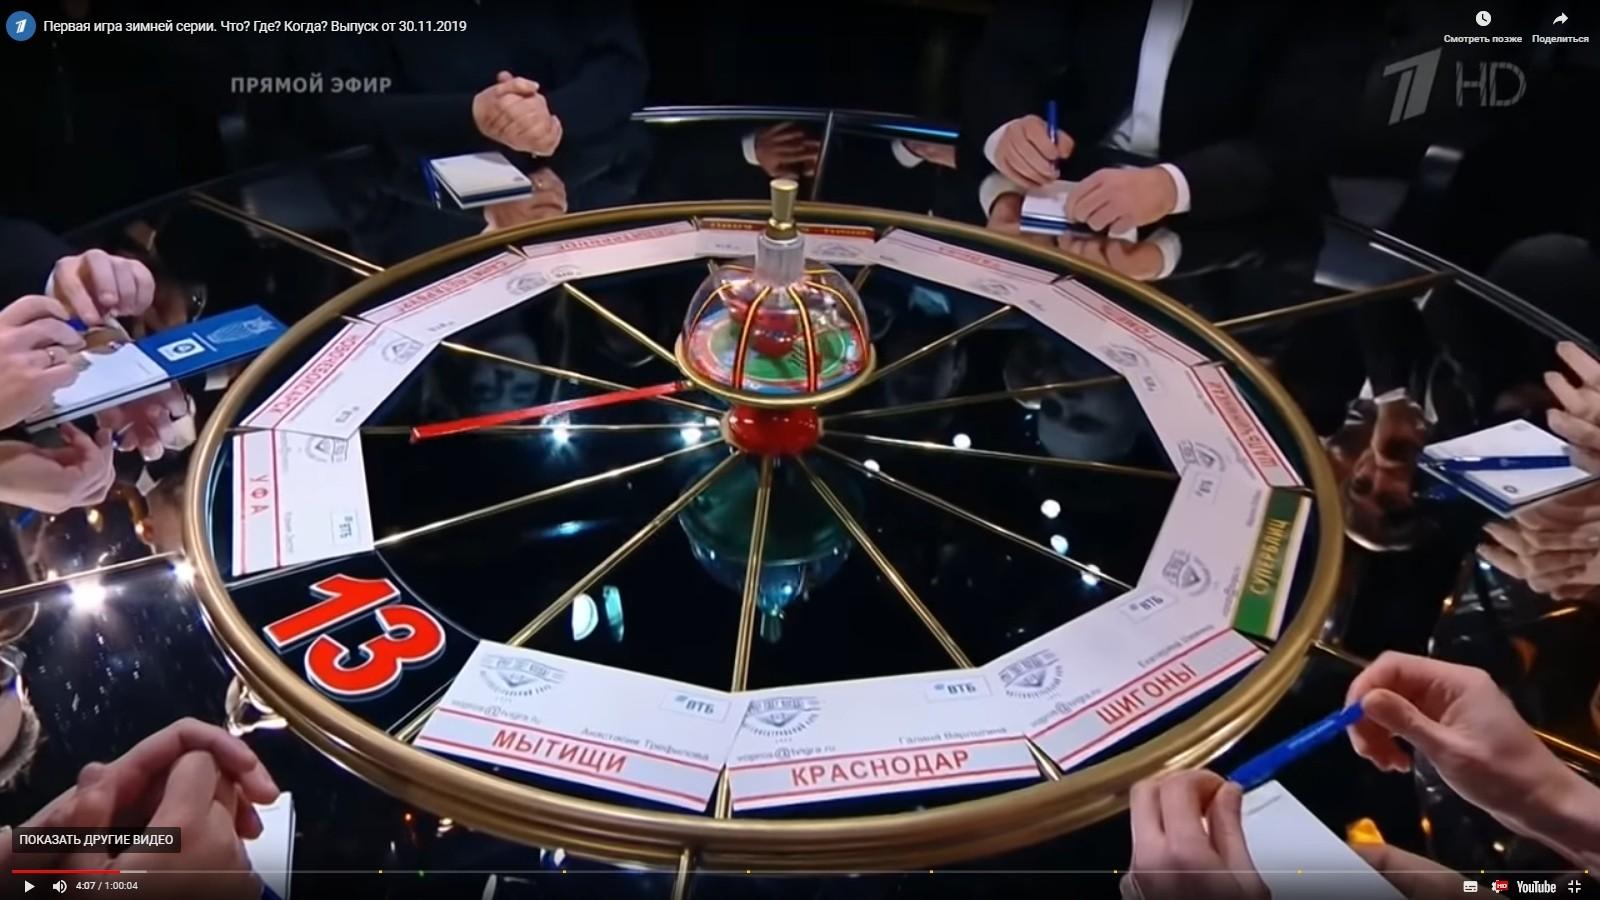 Адрес казино что где когда real money online casino то